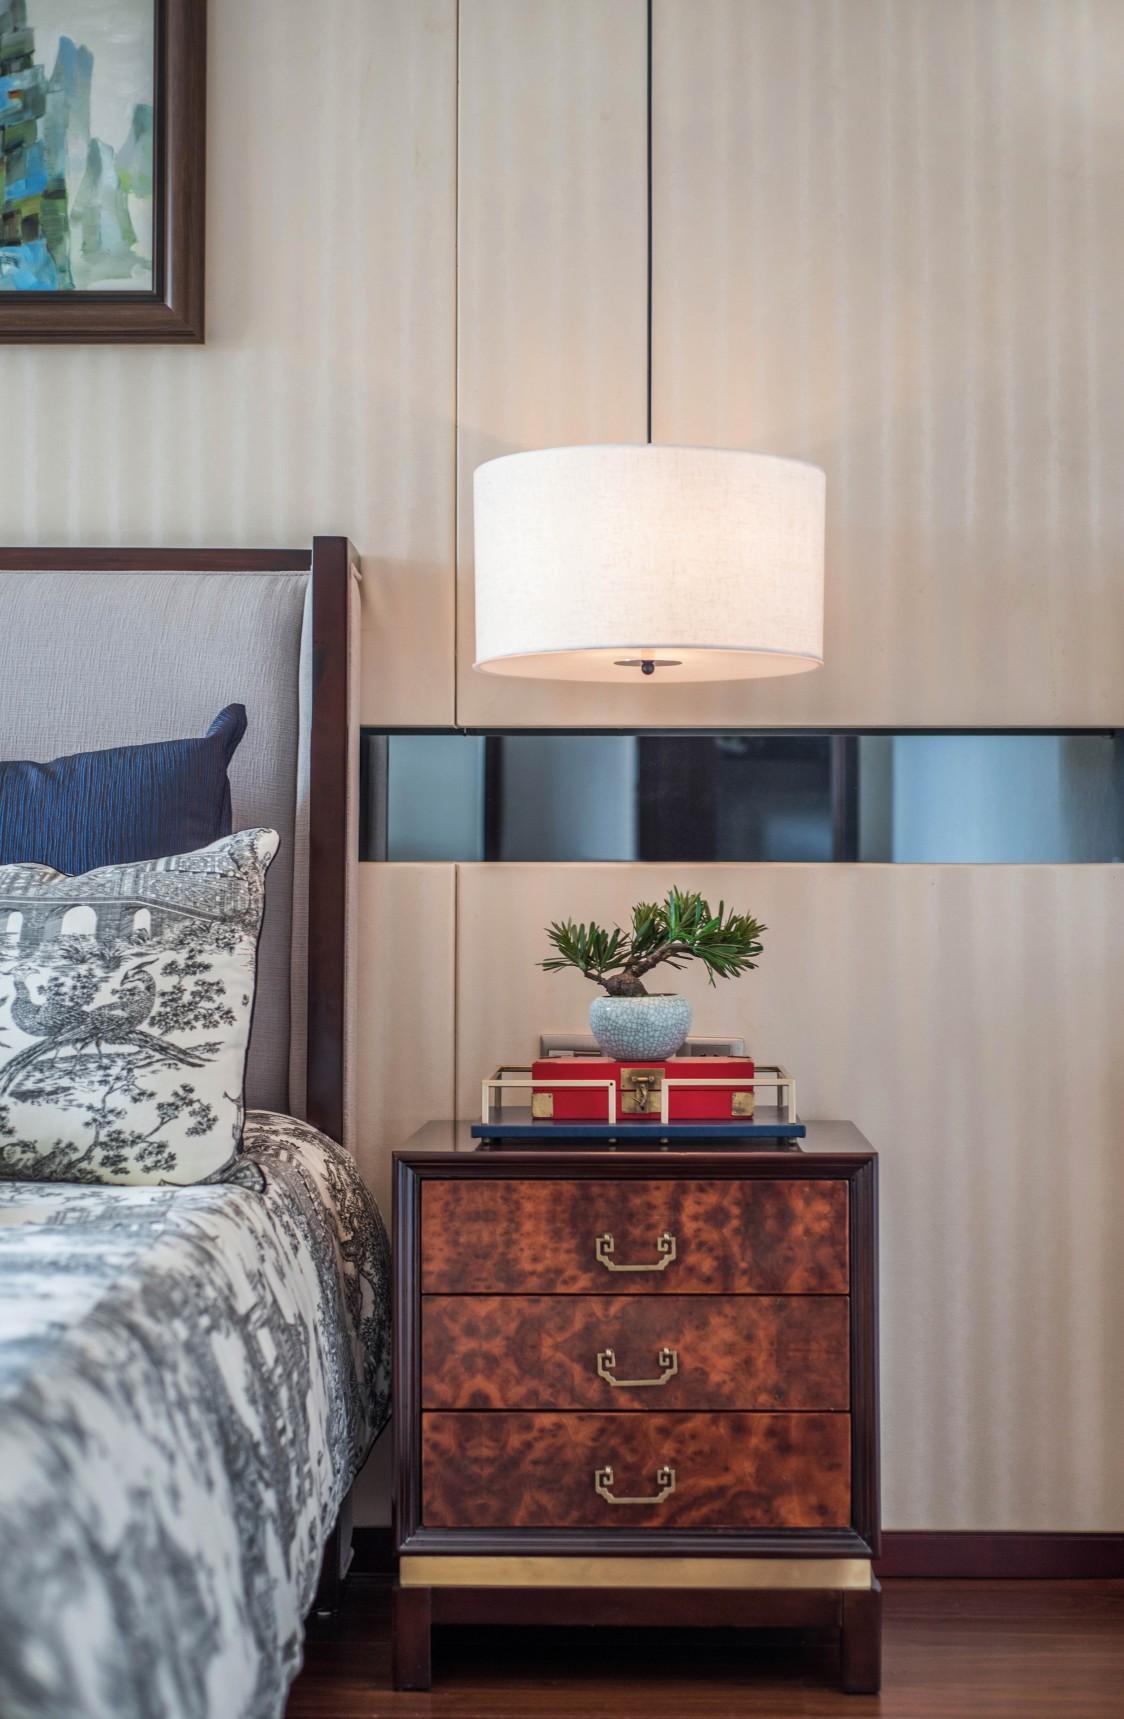 新中式风格别墅装修床头柜设计图